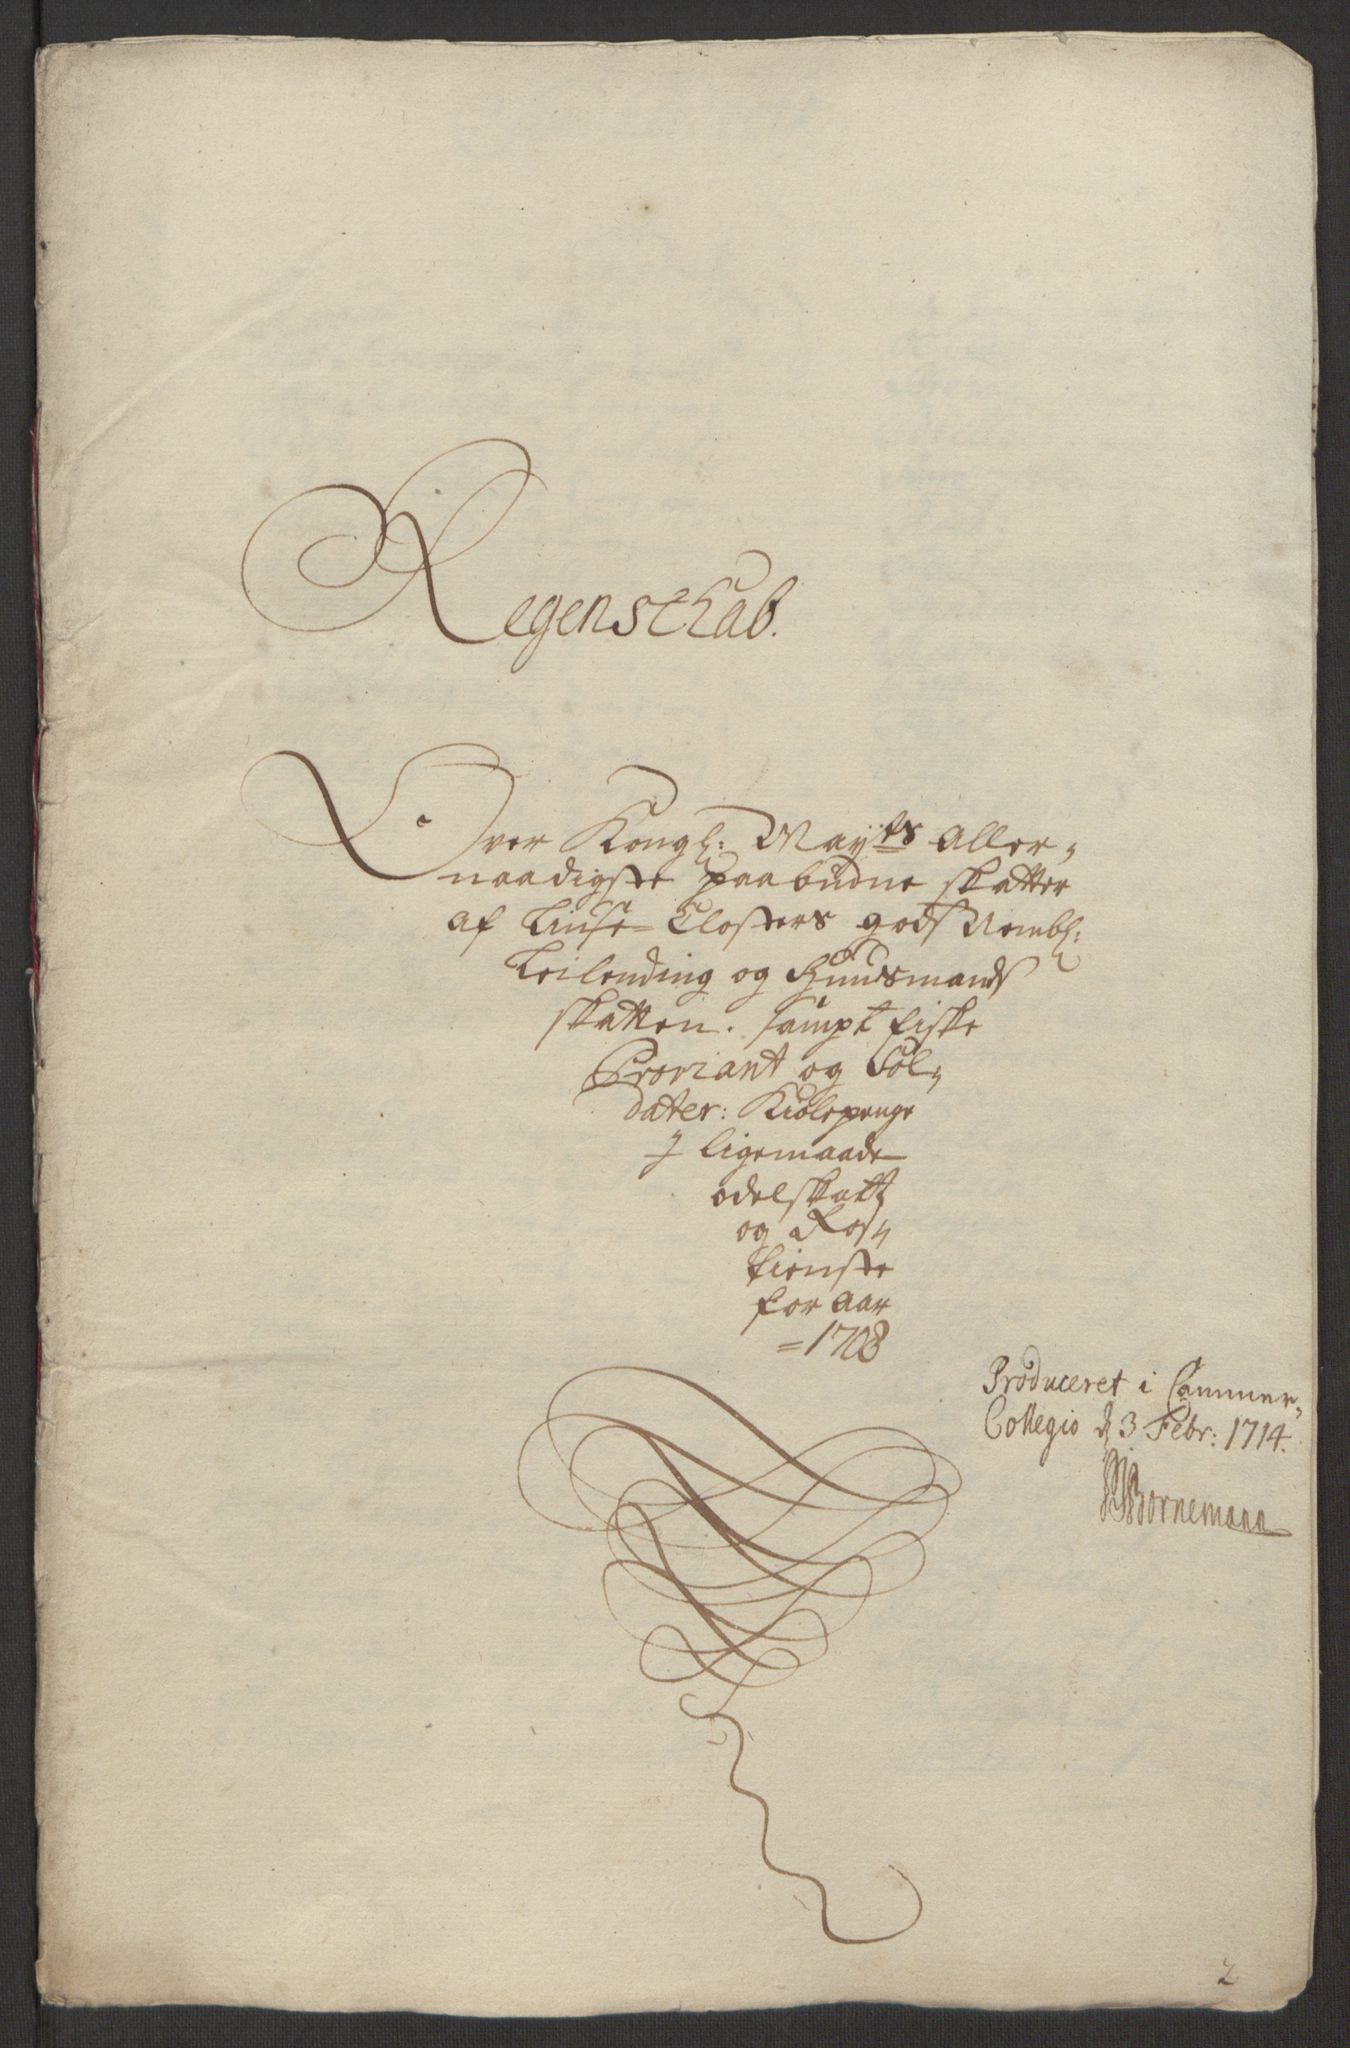 RA, Rentekammeret inntil 1814, Reviderte regnskaper, Fogderegnskap, R50/L3159: Fogderegnskap Lyse kloster, 1691-1709, s. 276